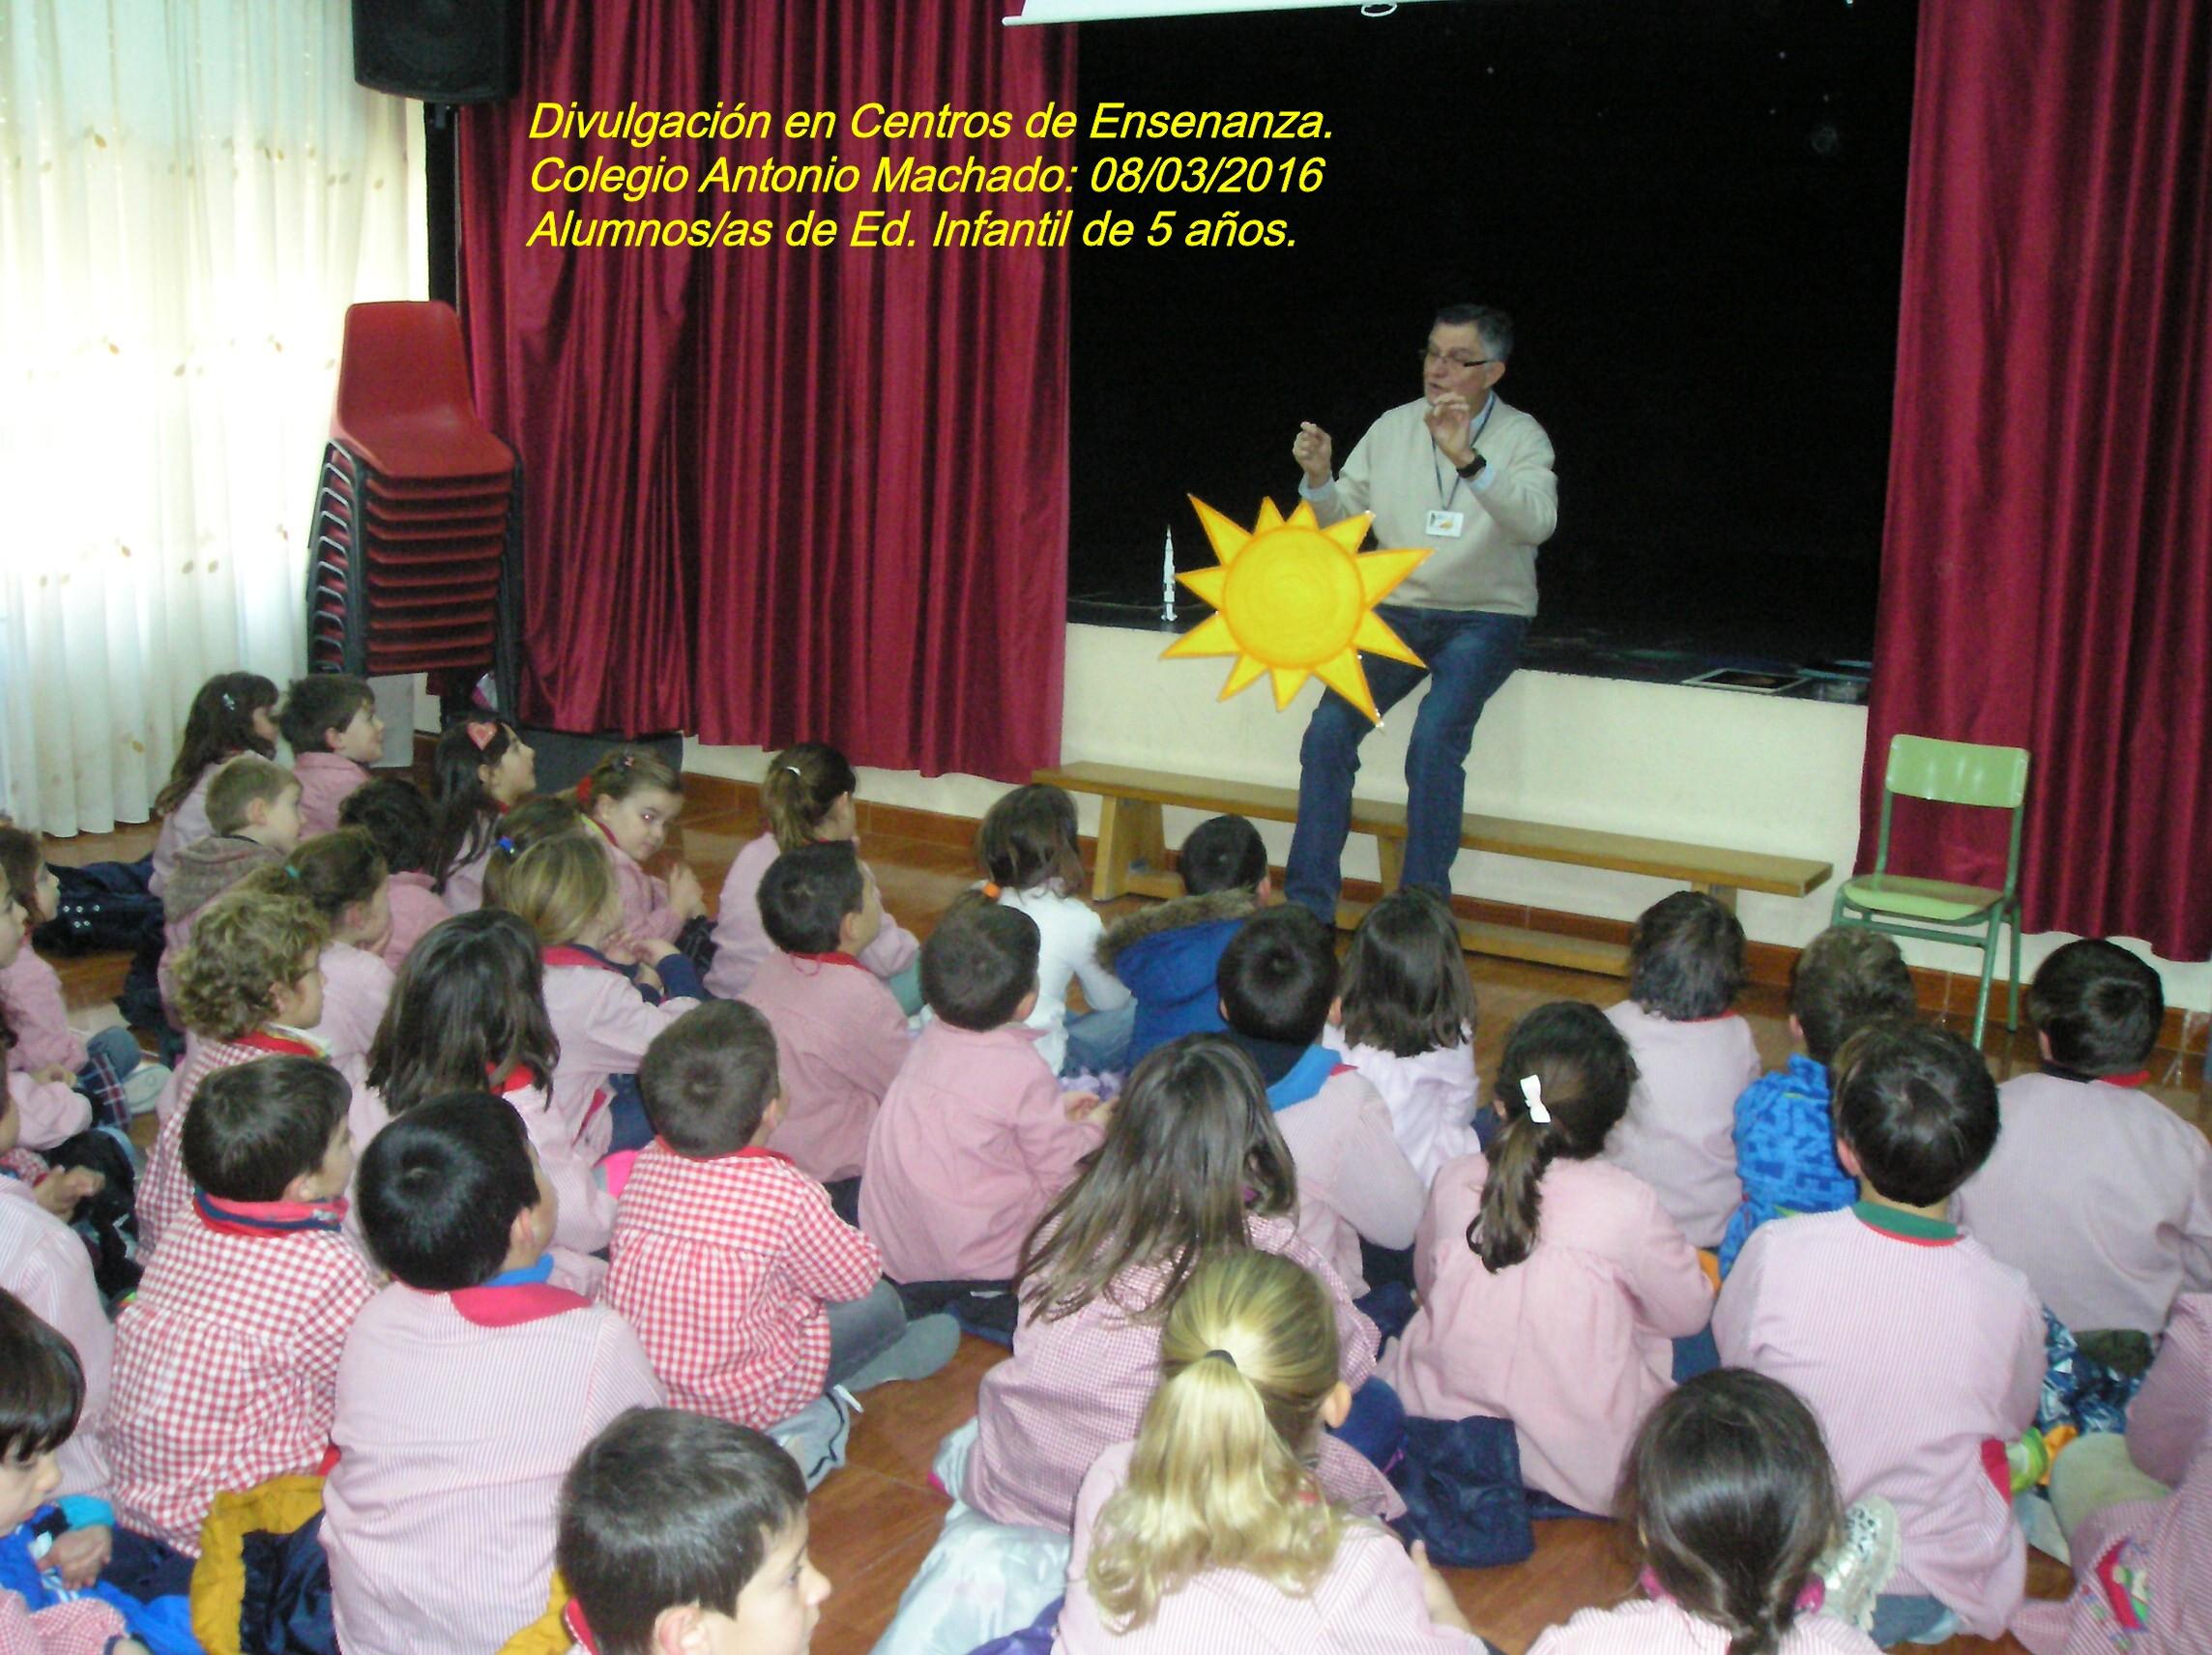 Colaboración con Centros de Enseñanza. Colegio Antonio Machado.